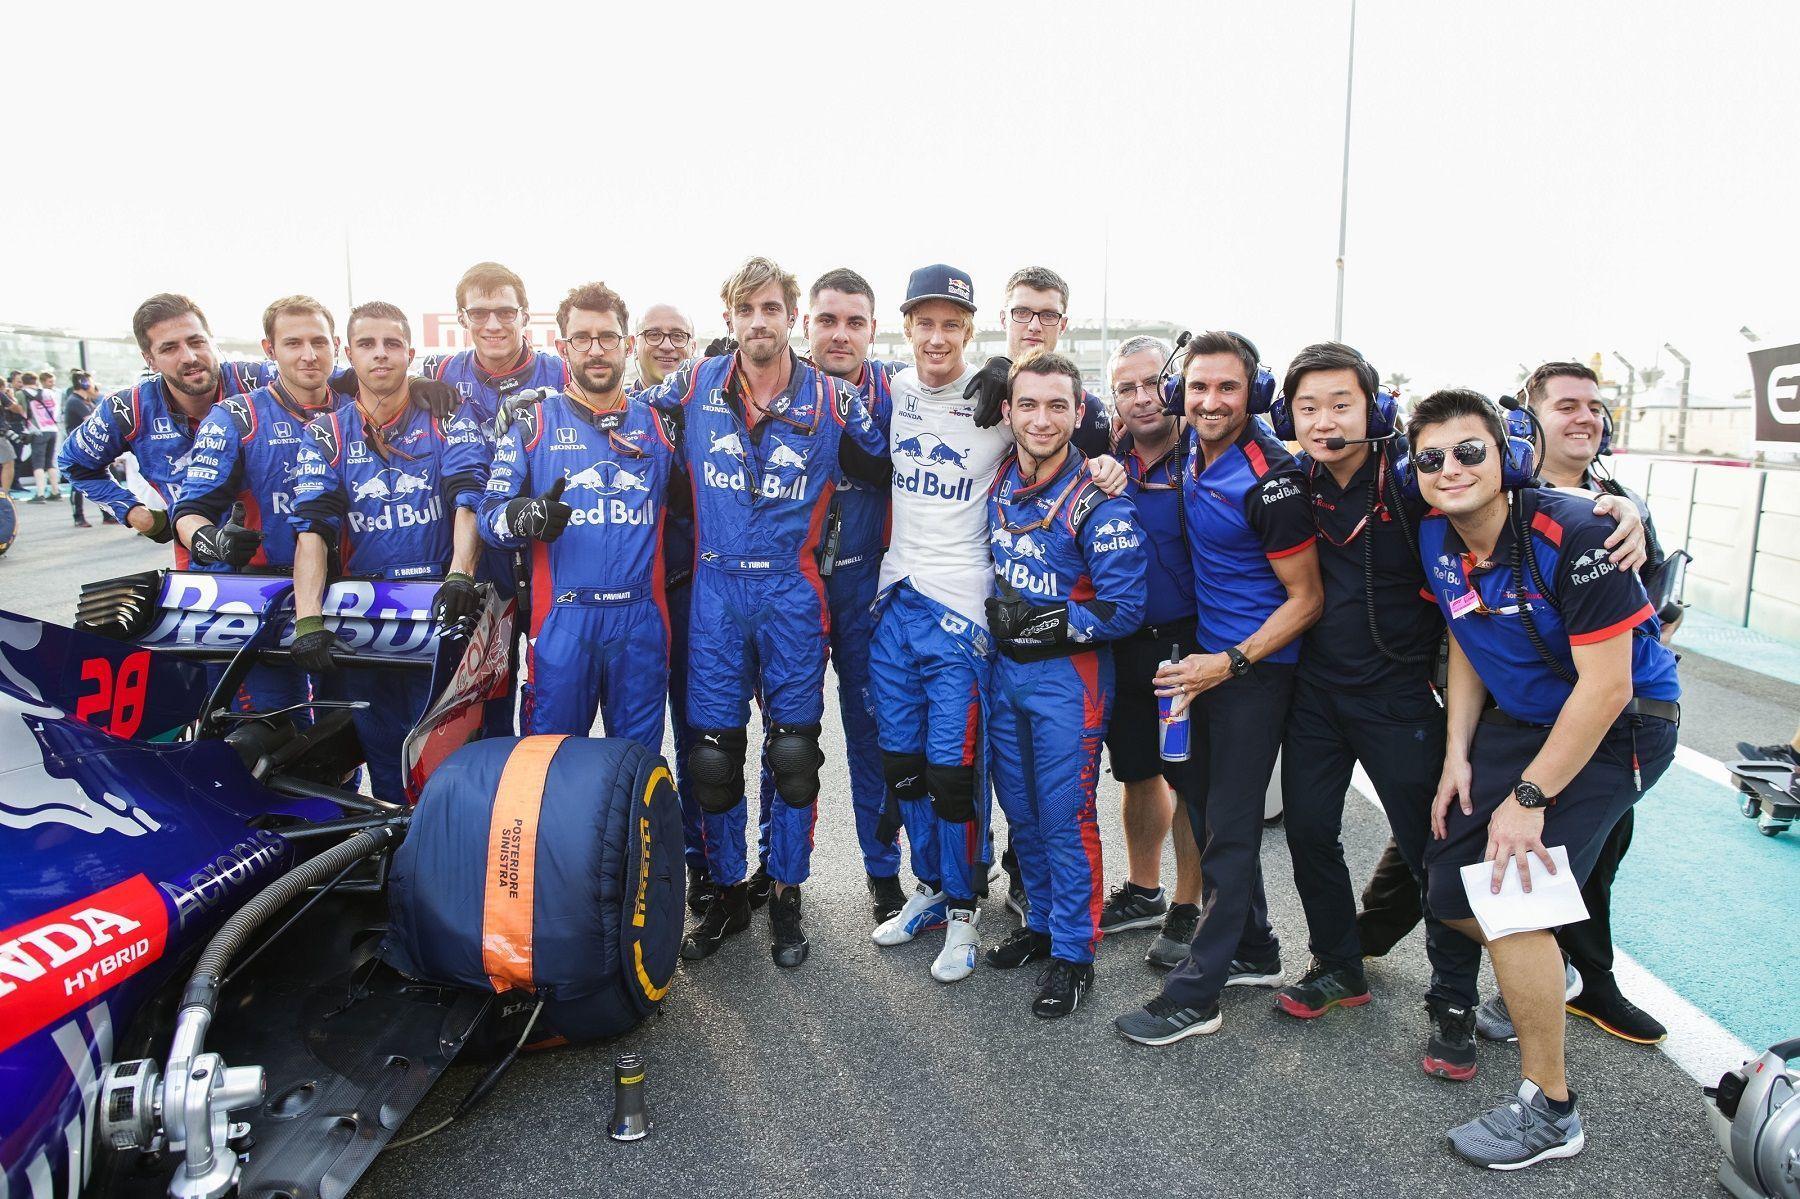 Brendon Hartley, F1